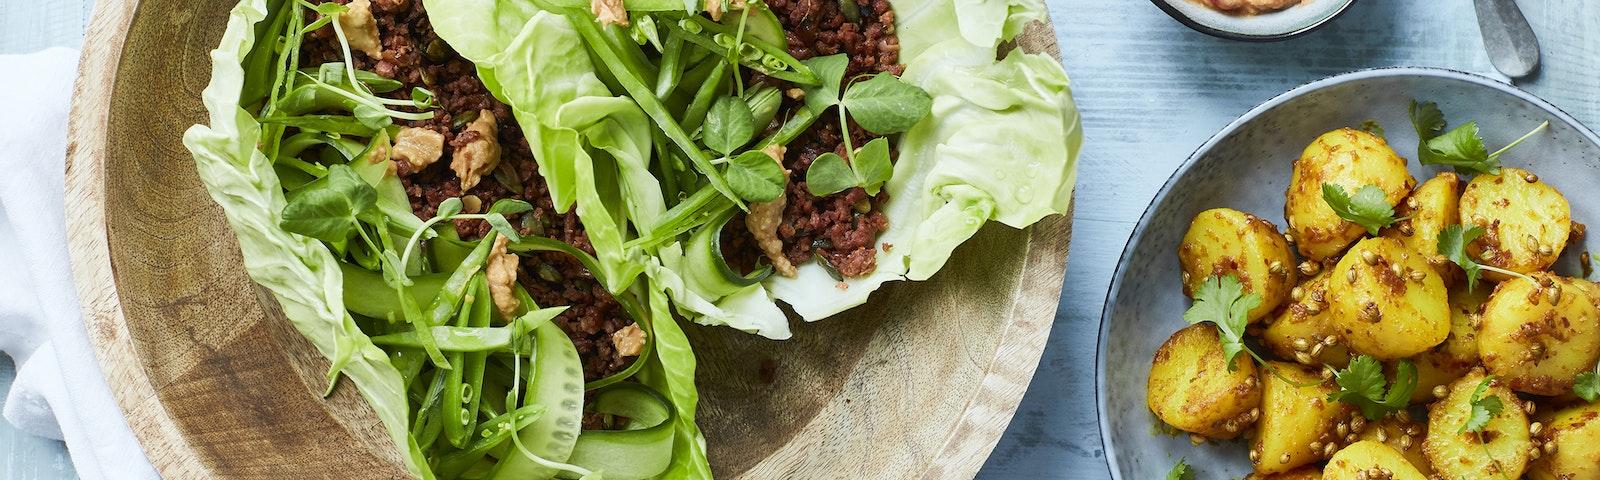 Sallatswrap med kryddig växtfärs och potatis